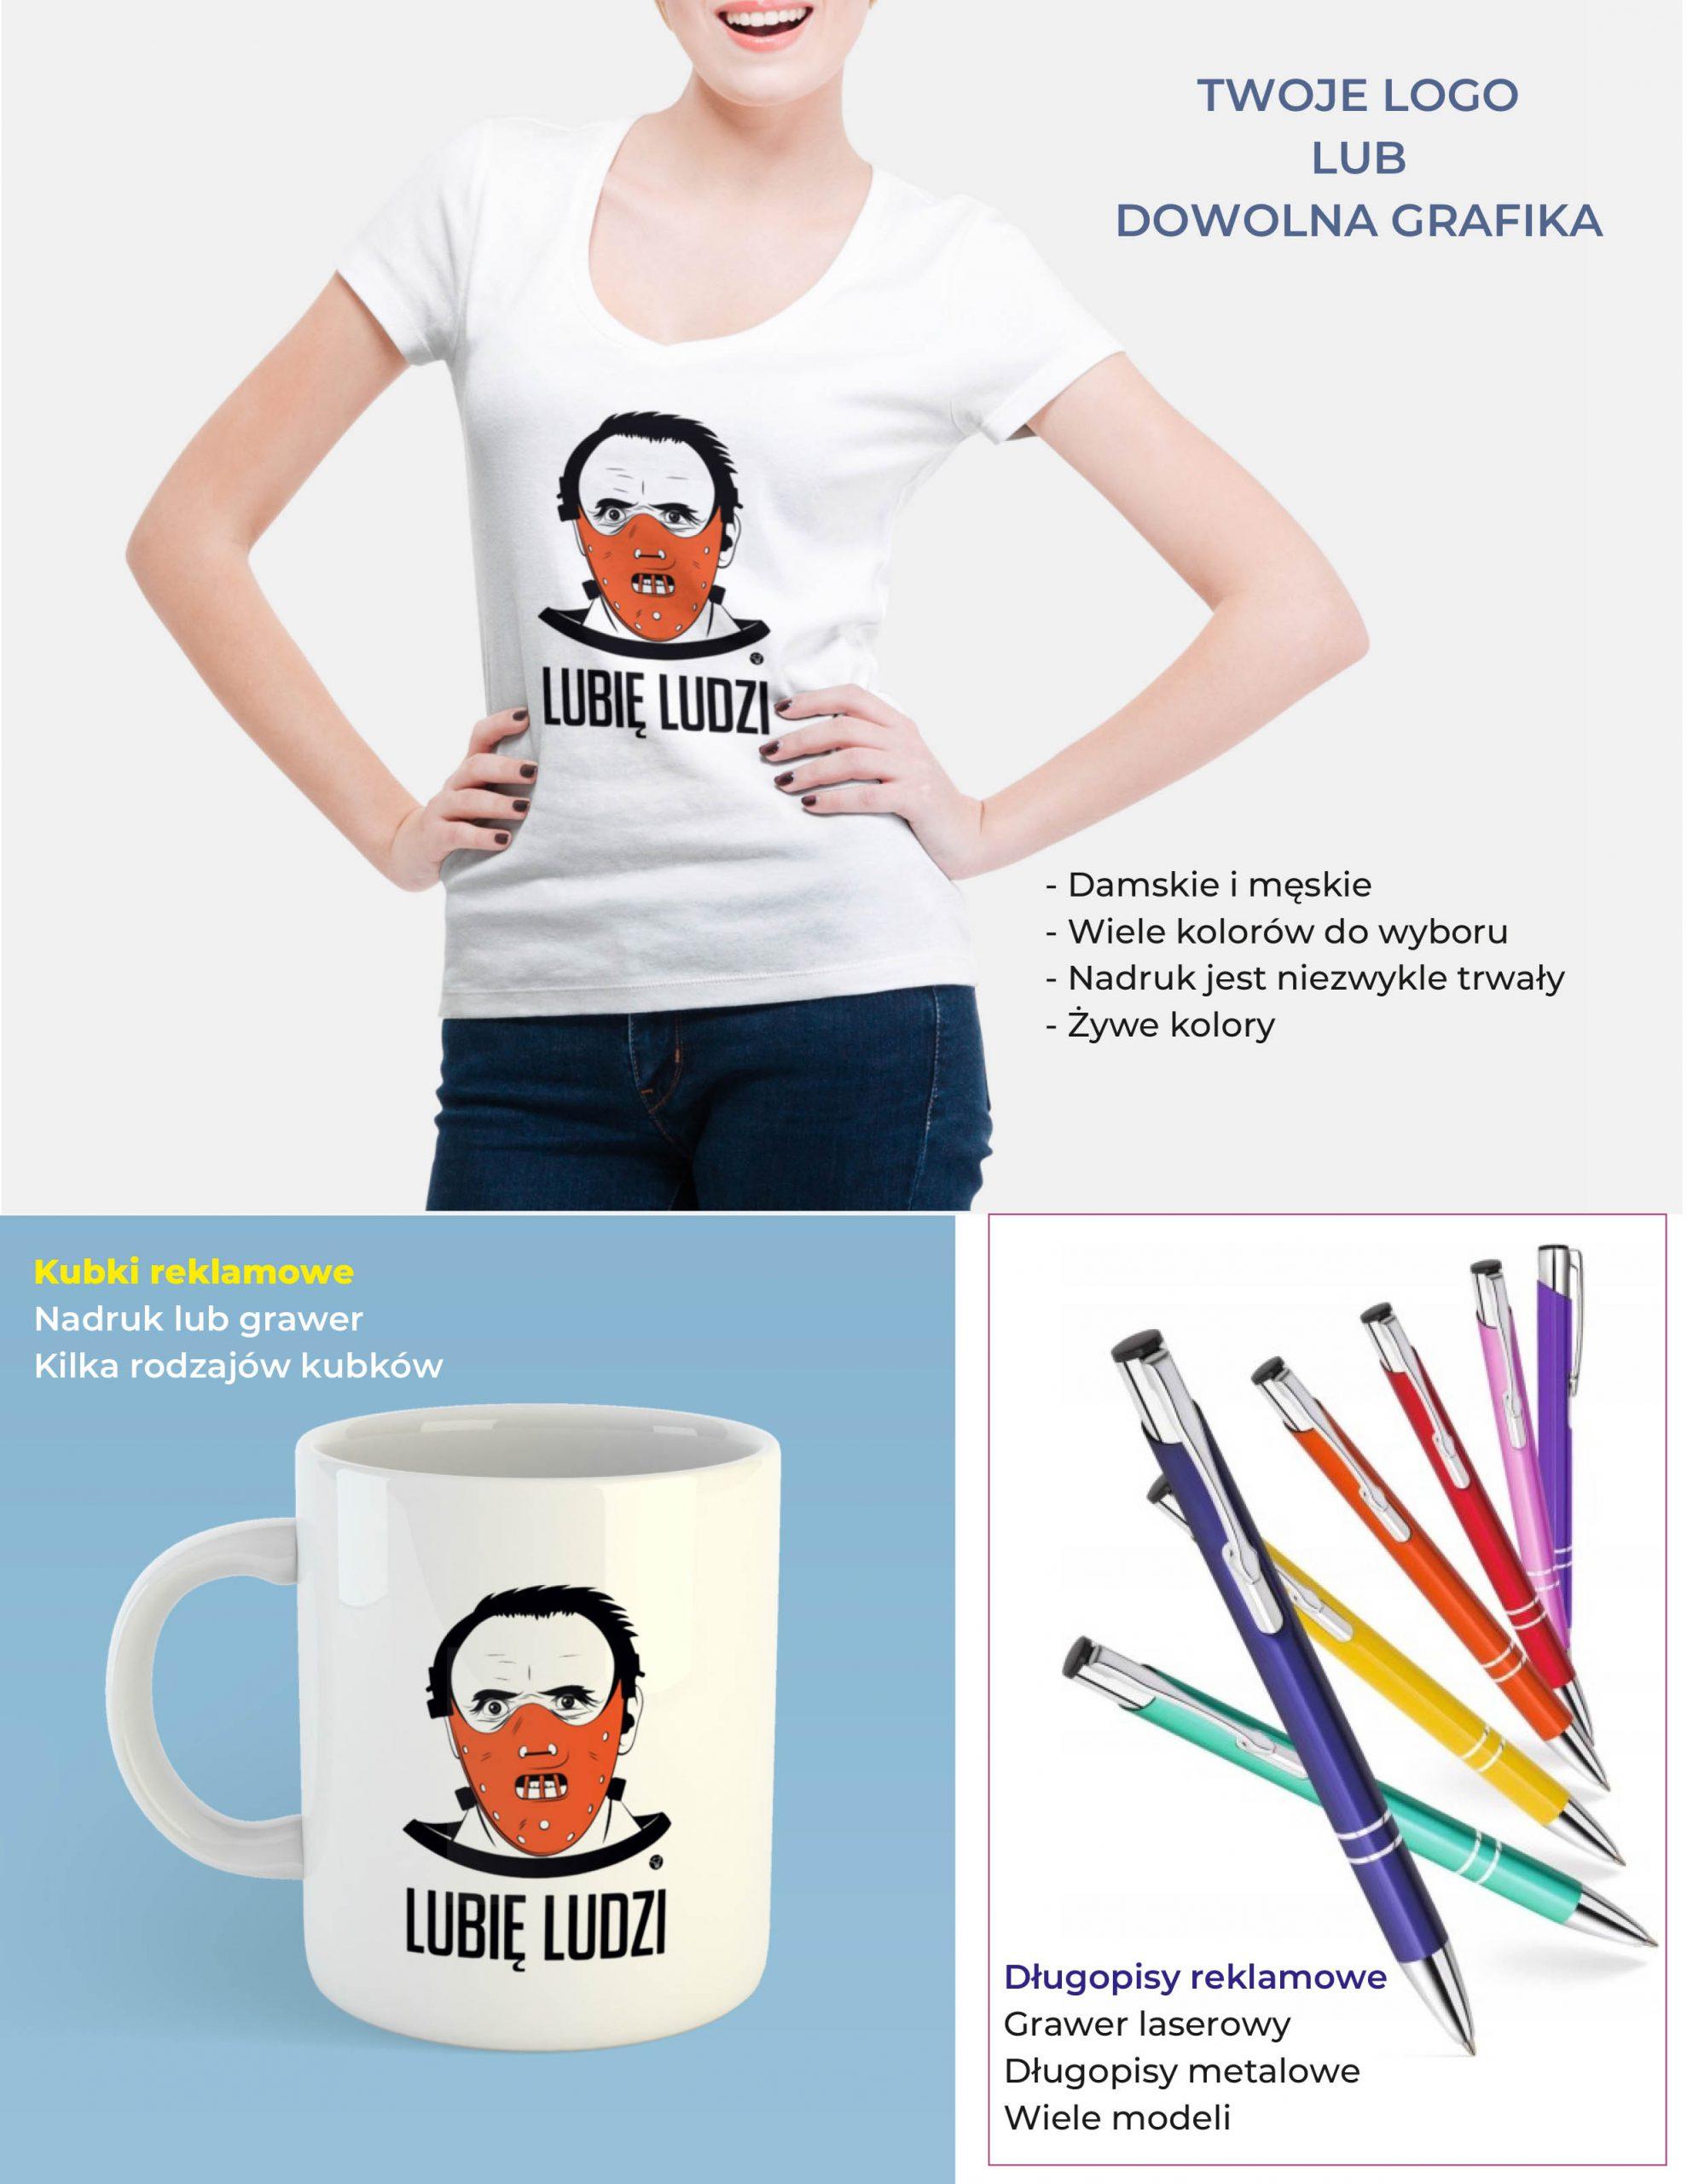 Koszulki i gadżety reklamowe